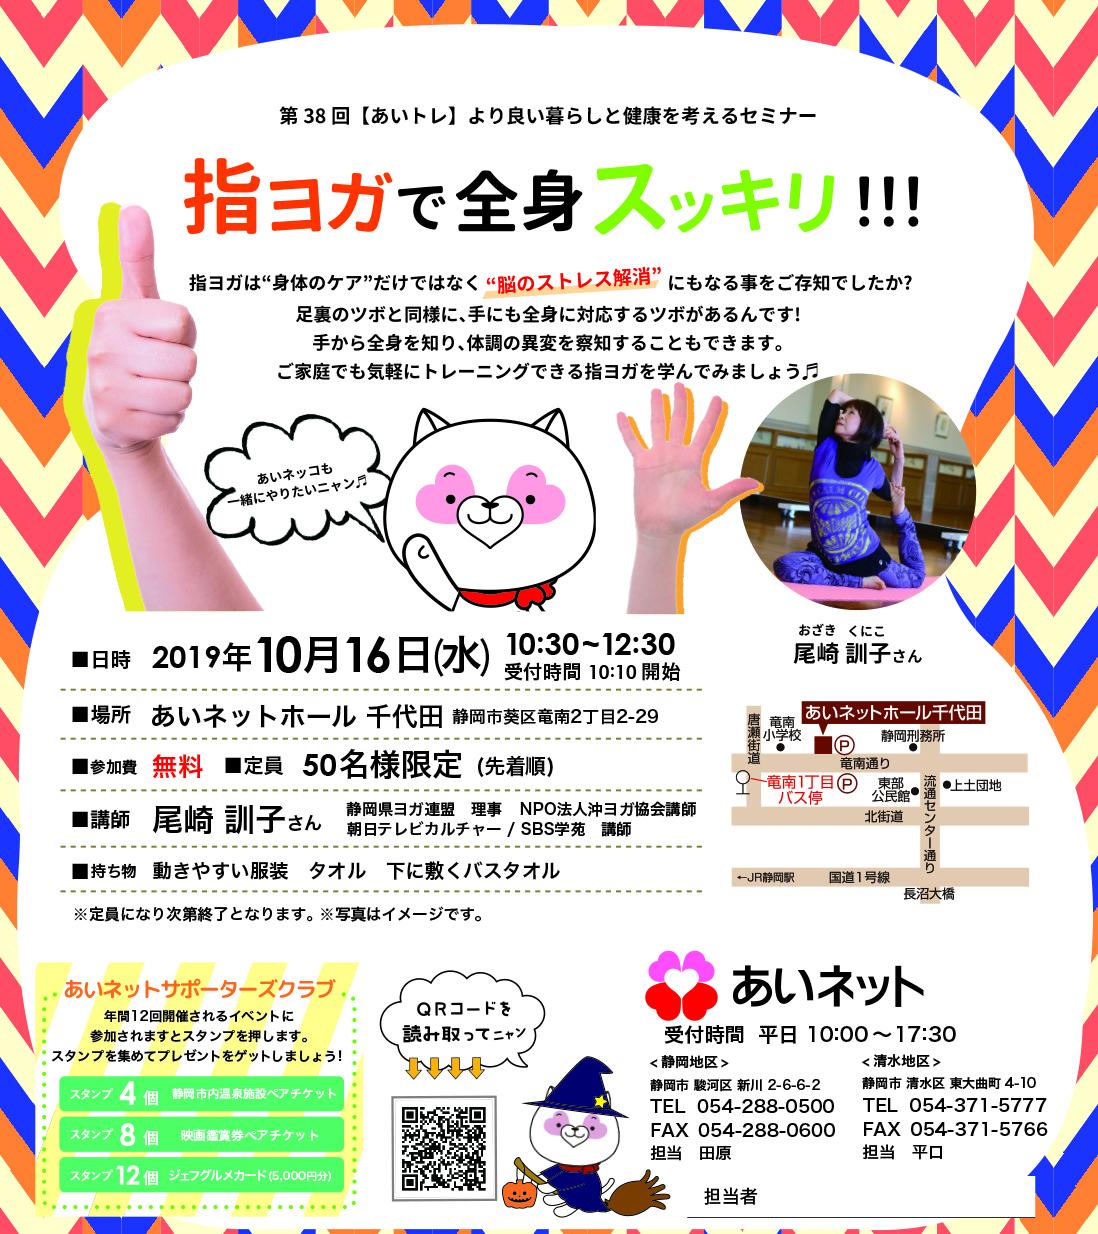 【健康セミナー】手から始める身体のケア~指ヨガ レッスン~